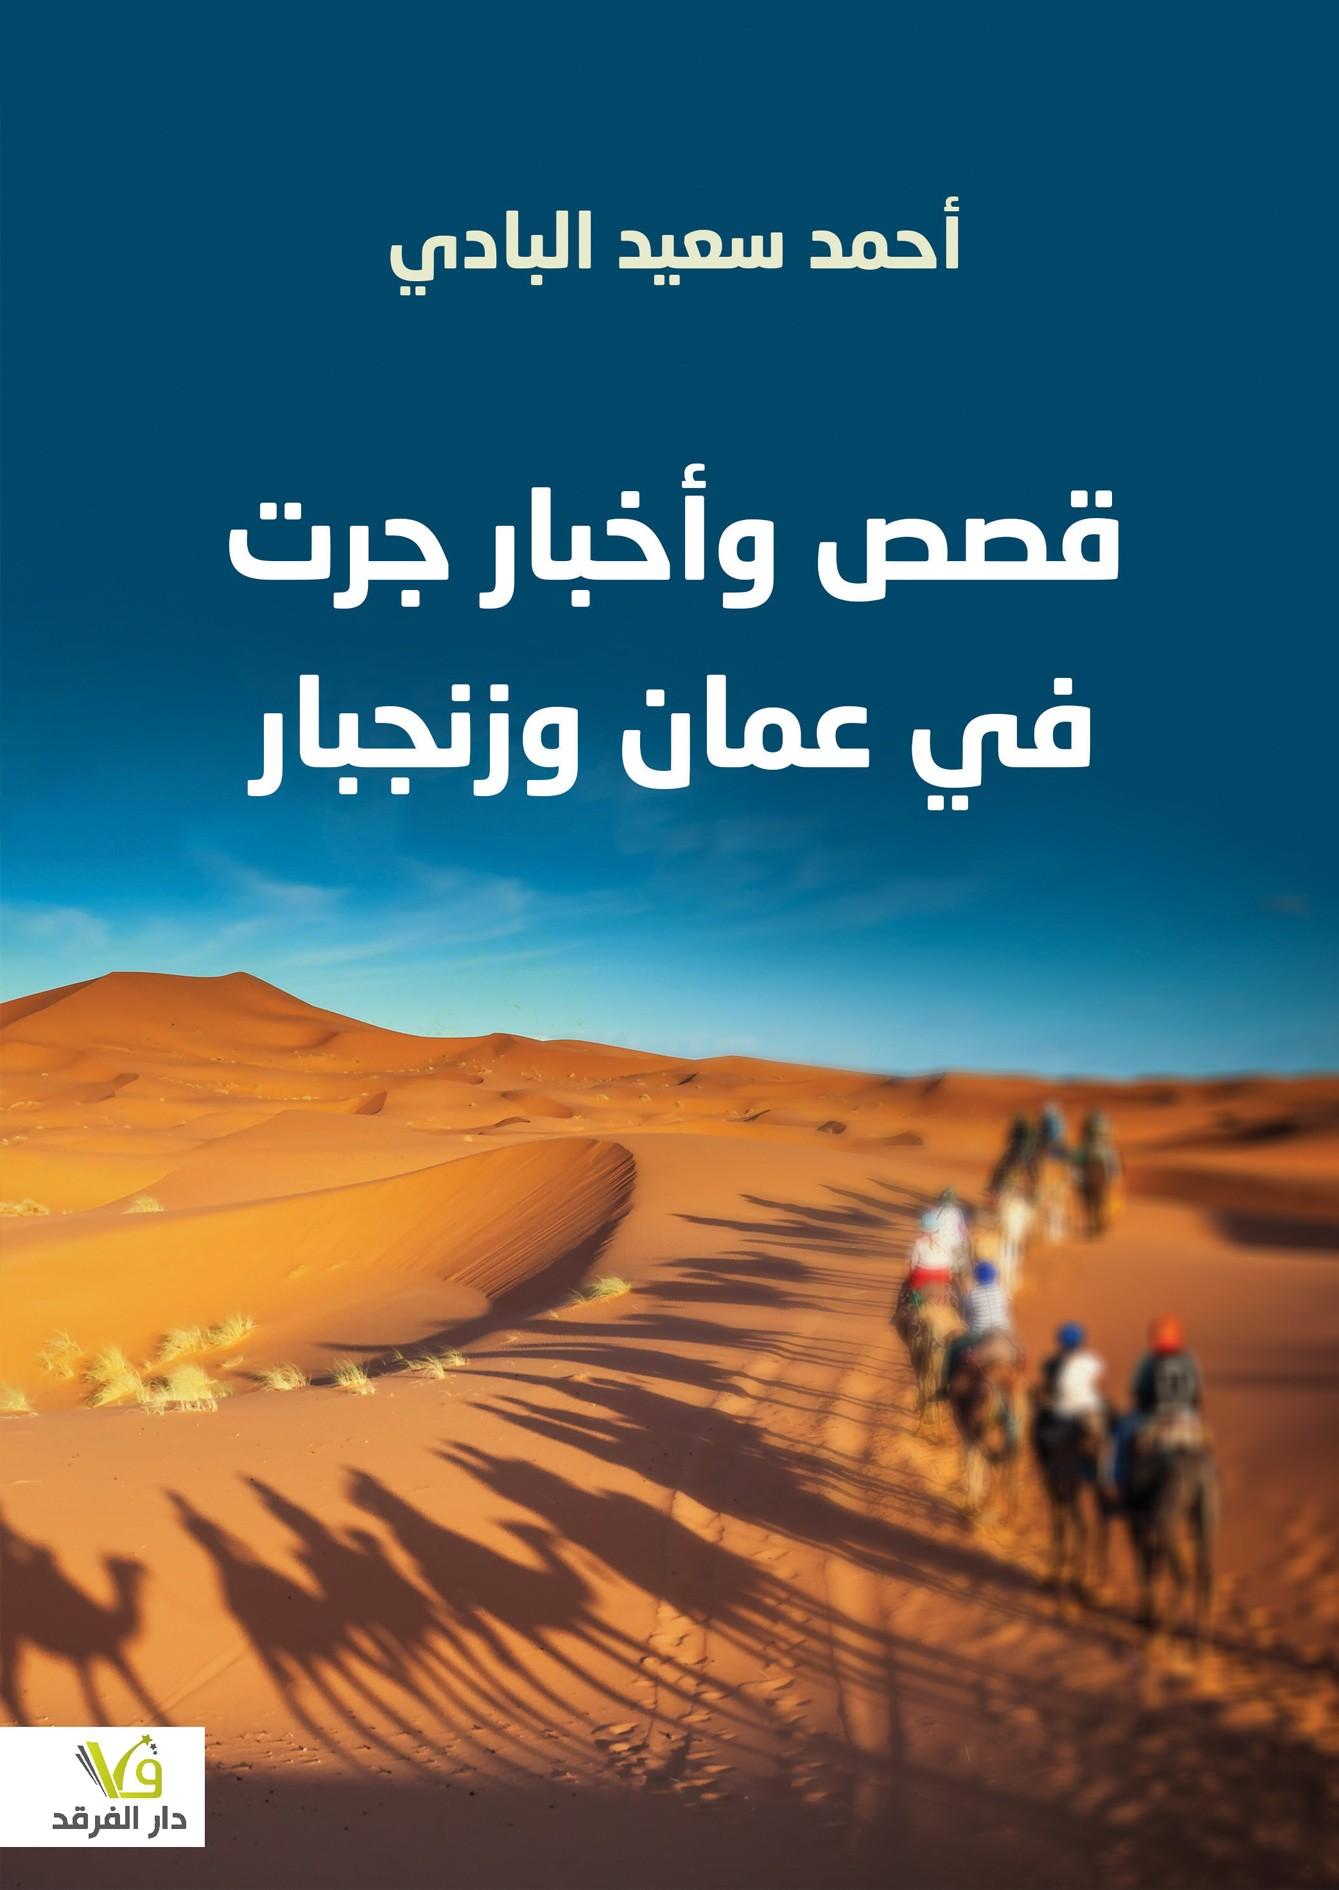 قصص وأخبار جرت في عمان وزنجبار